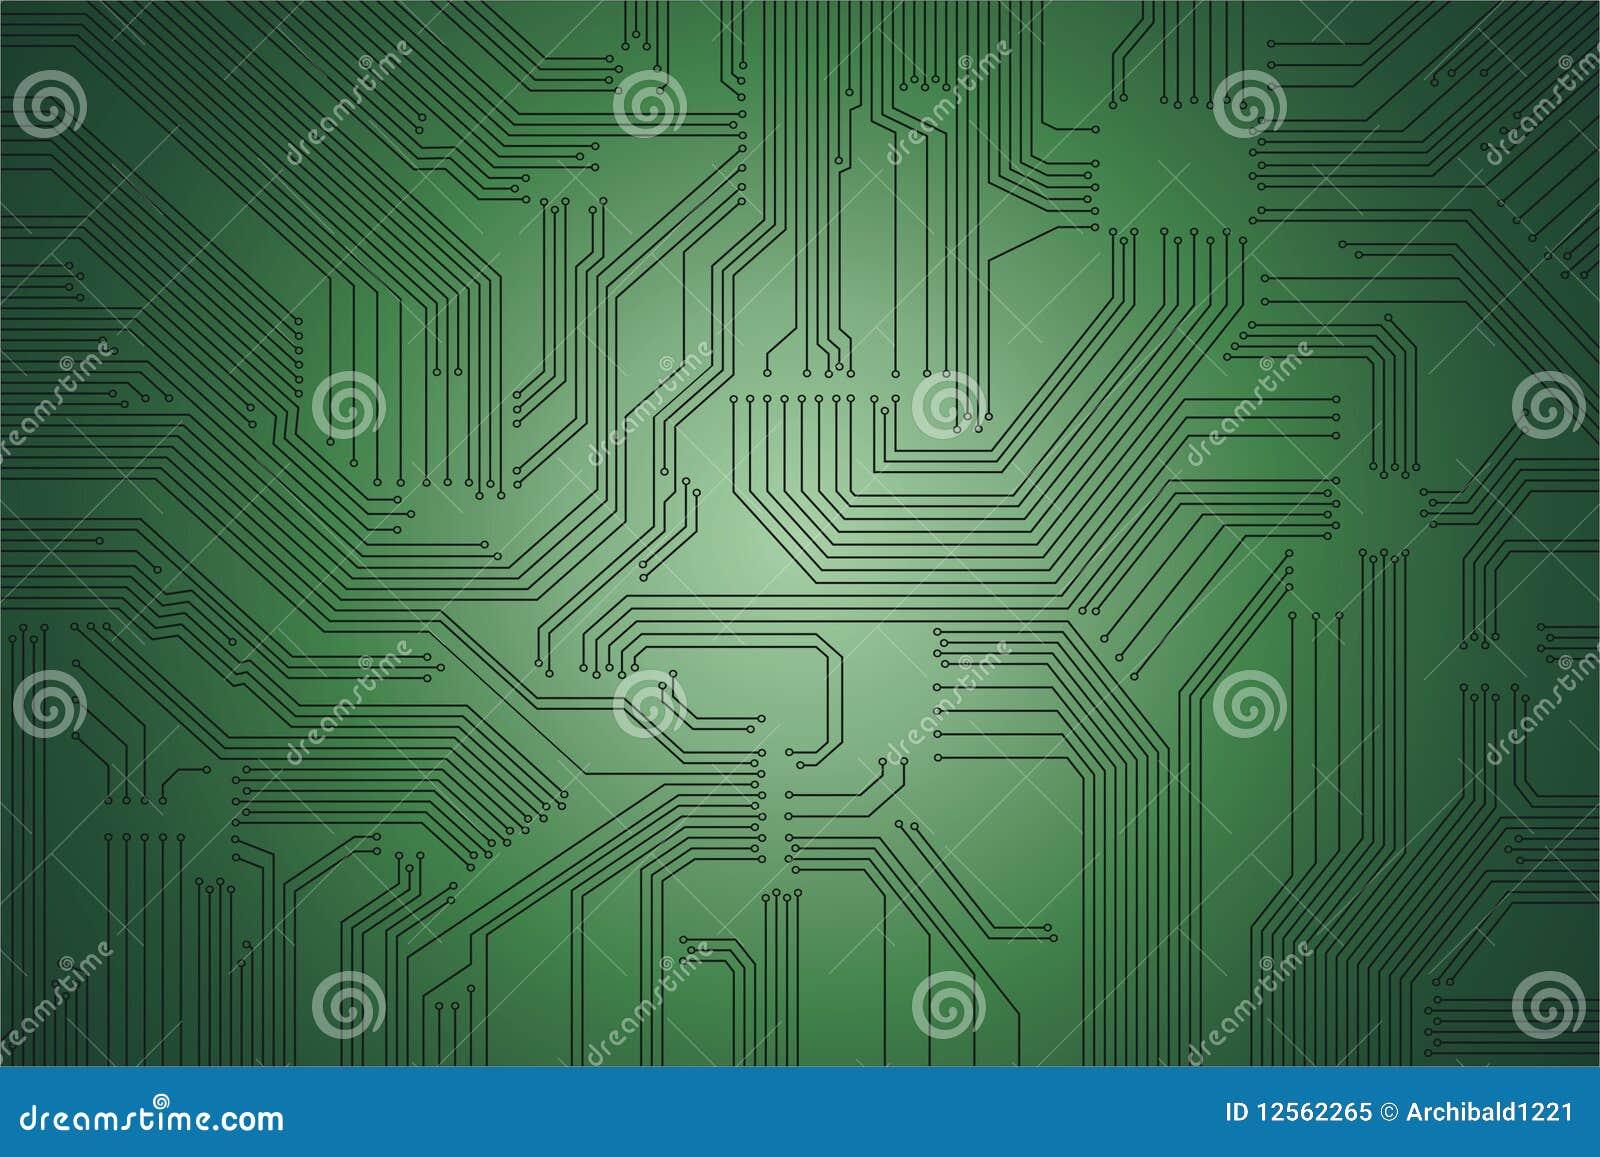 circuit texture - photo #22